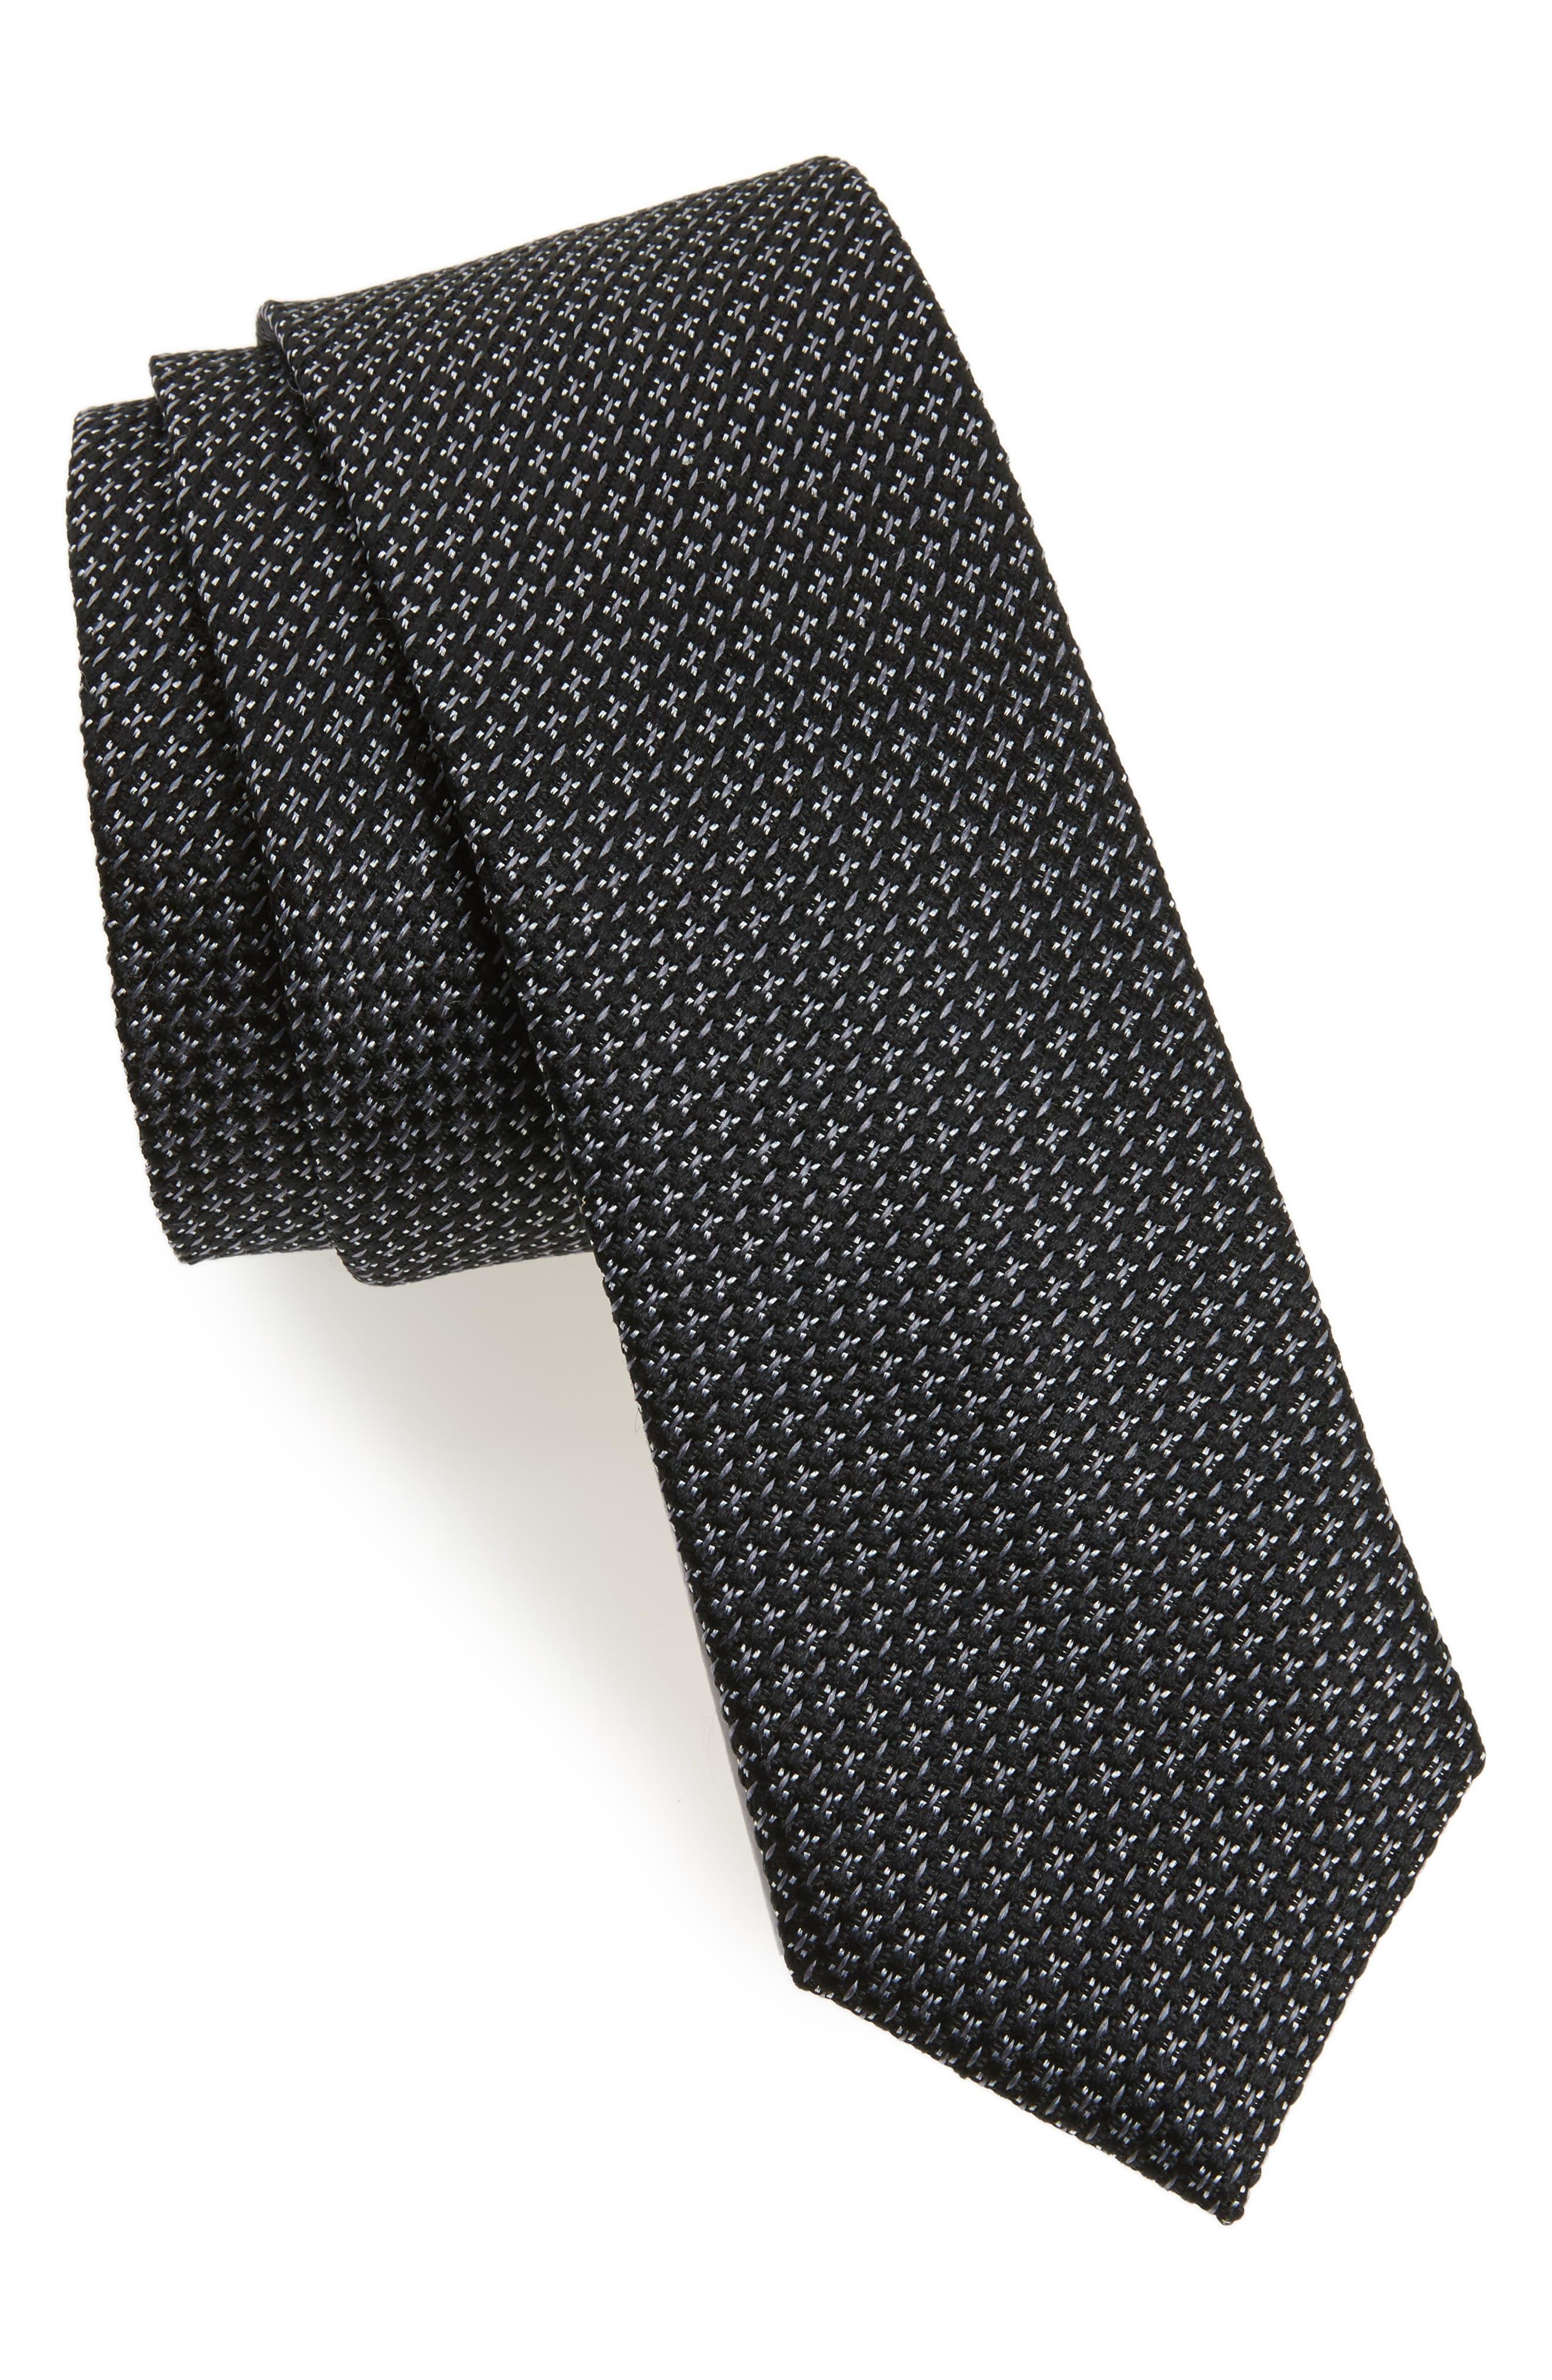 Knitex Solid Silk Tie,                         Main,                         color, 001